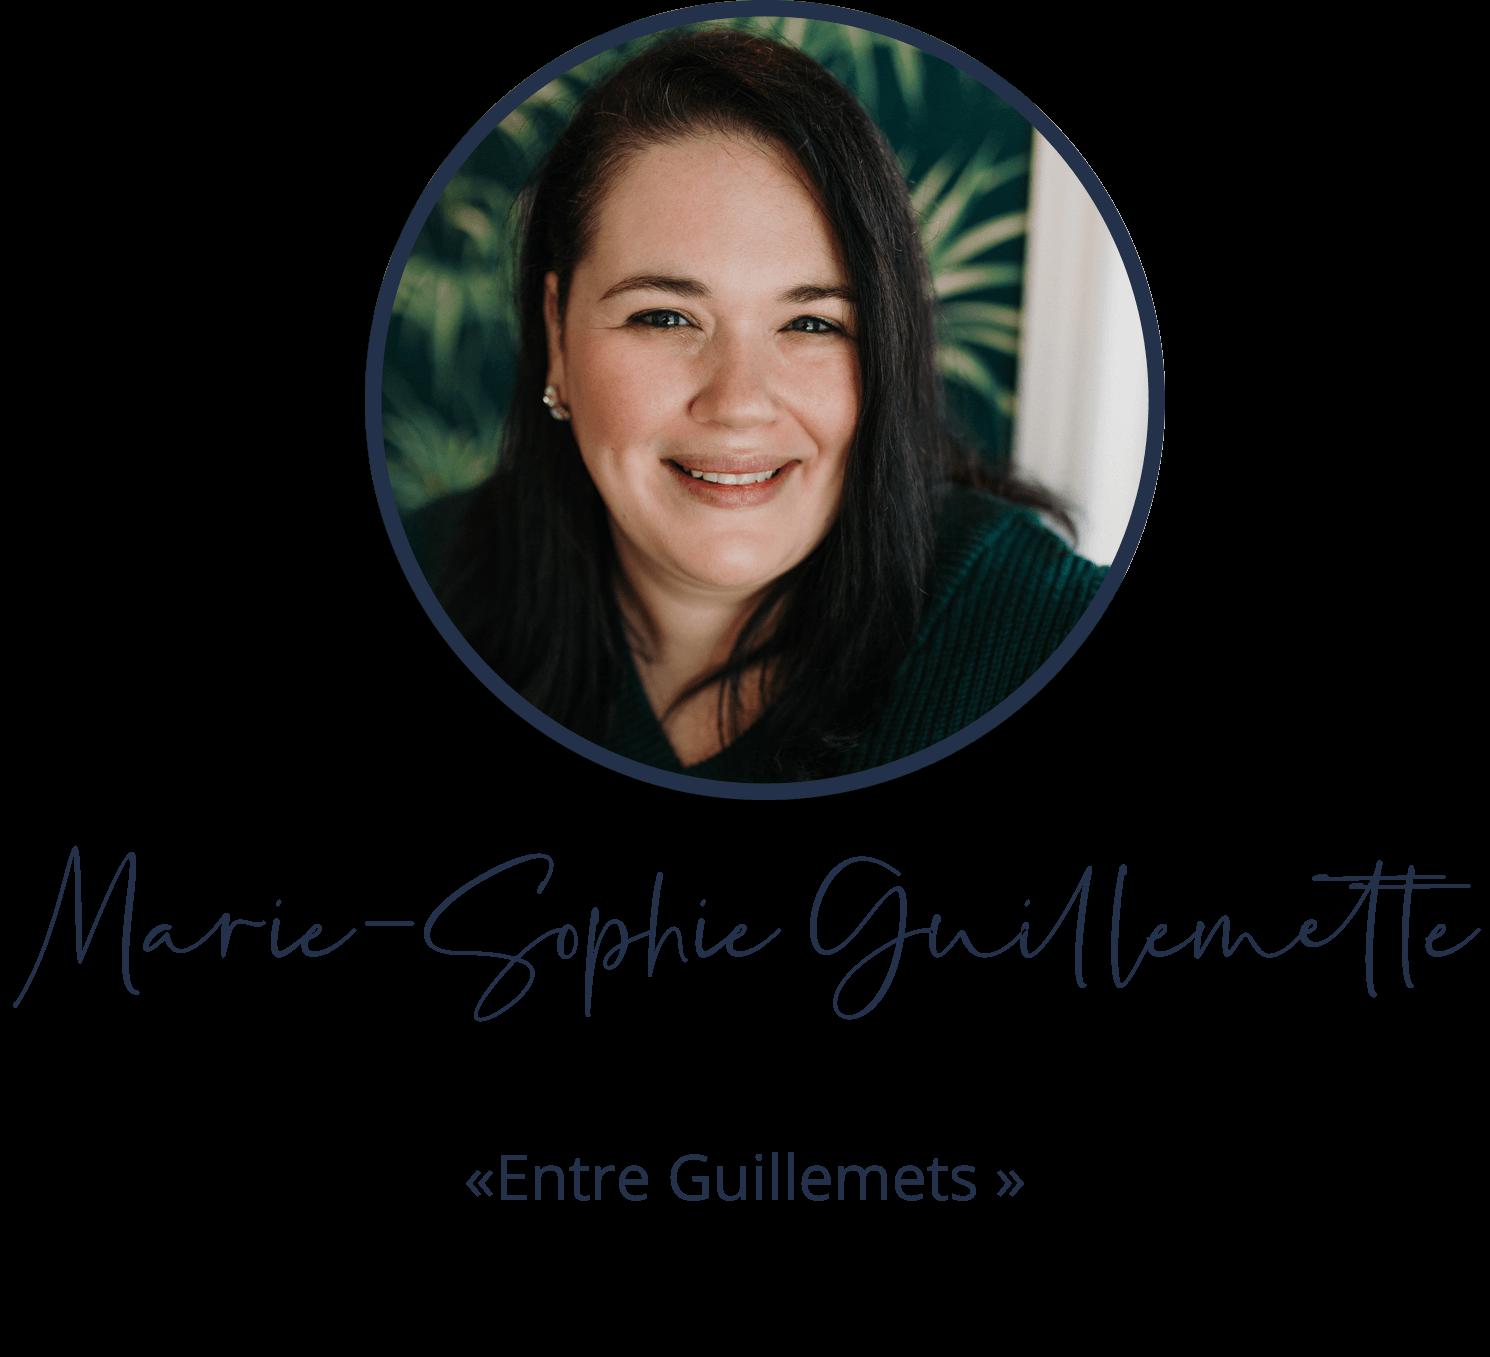 Marie-Sophie Guillemette, «Entre Guillemets »